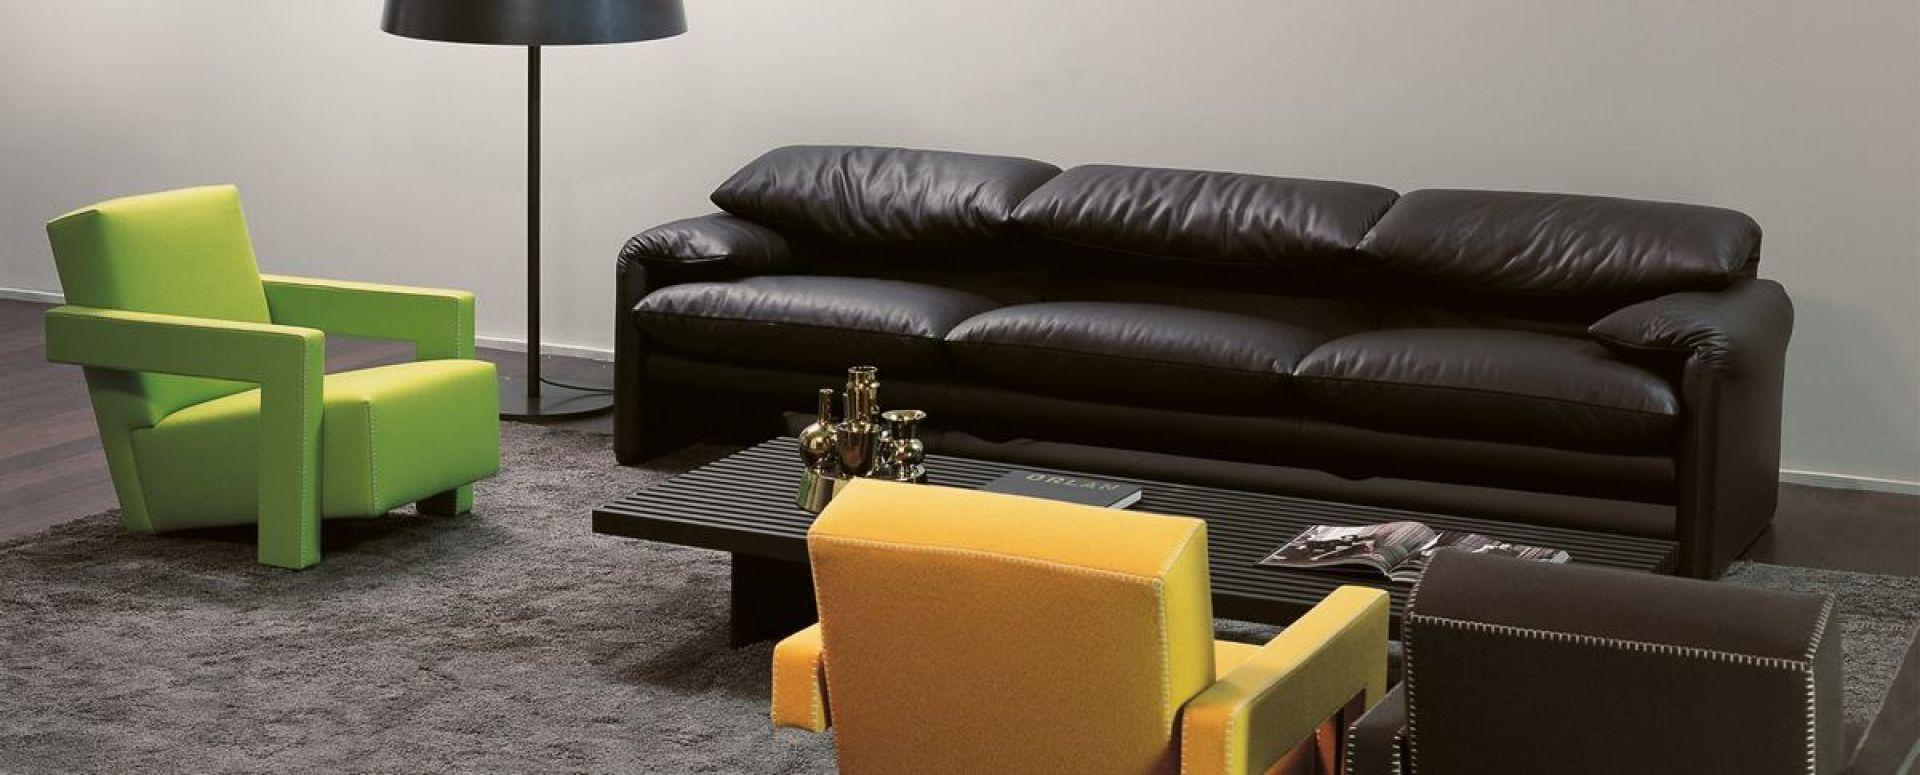 675 Maralunga sofa 3-seater Cassina